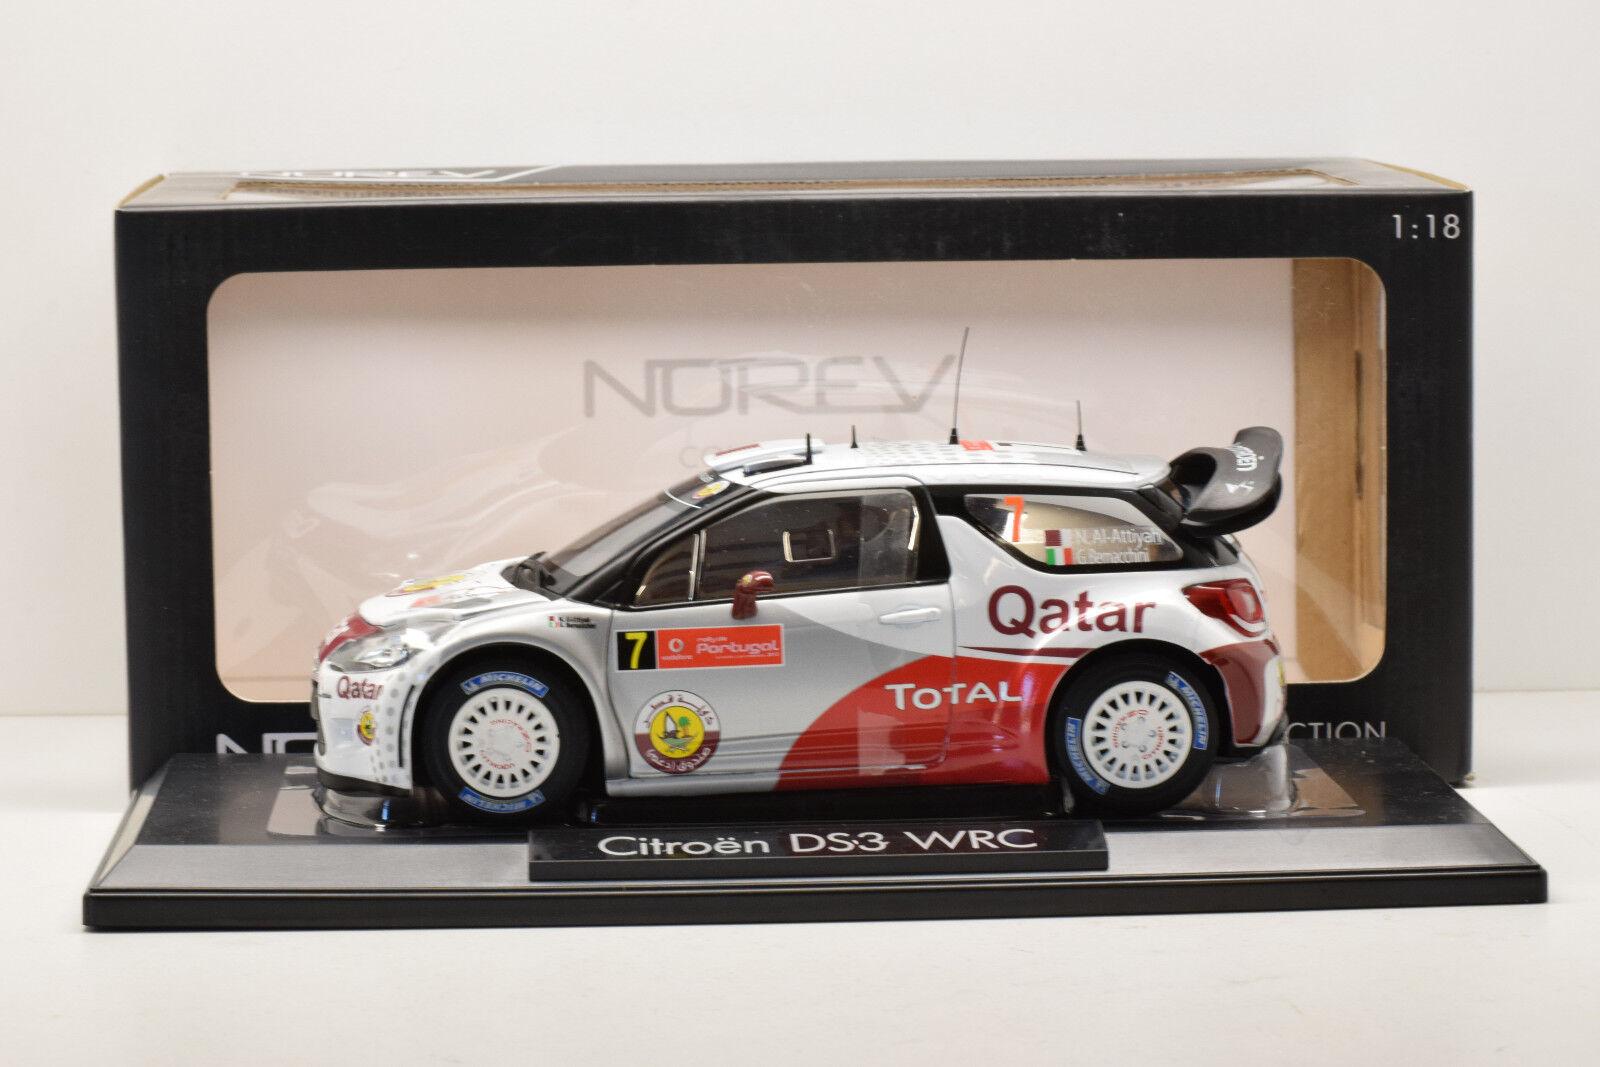 CITROEN DS3 WRC PORTUGAL 2012  7 NOREV 1 18 NEUVE EN BOITE